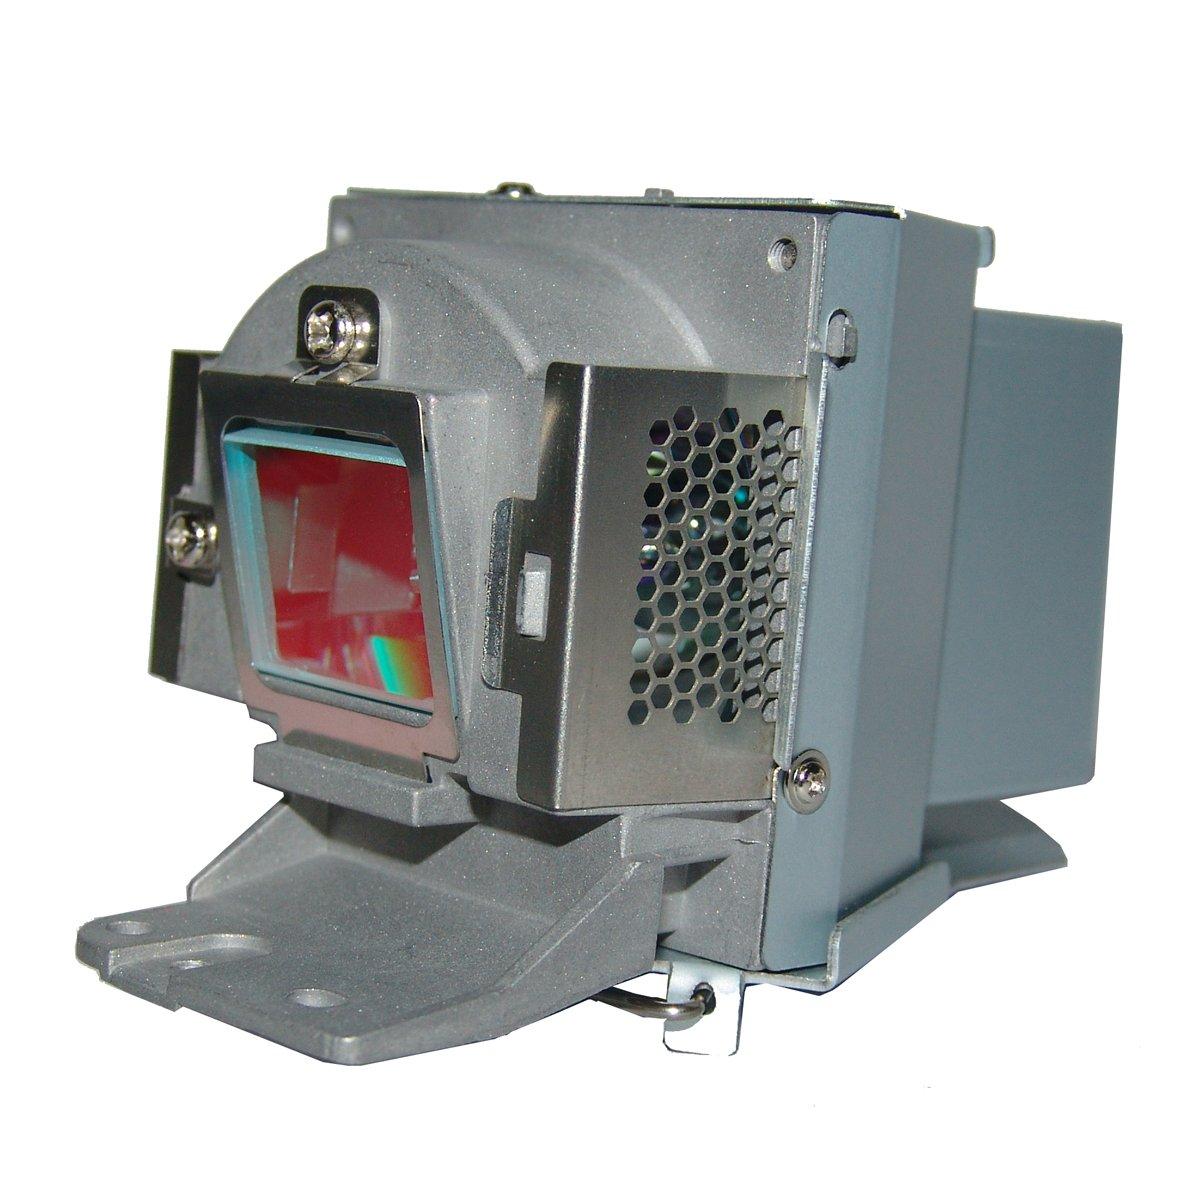 交換用プロジェクターランプ ベンキュー 5J.J6H05.001 B00PB4QHCK